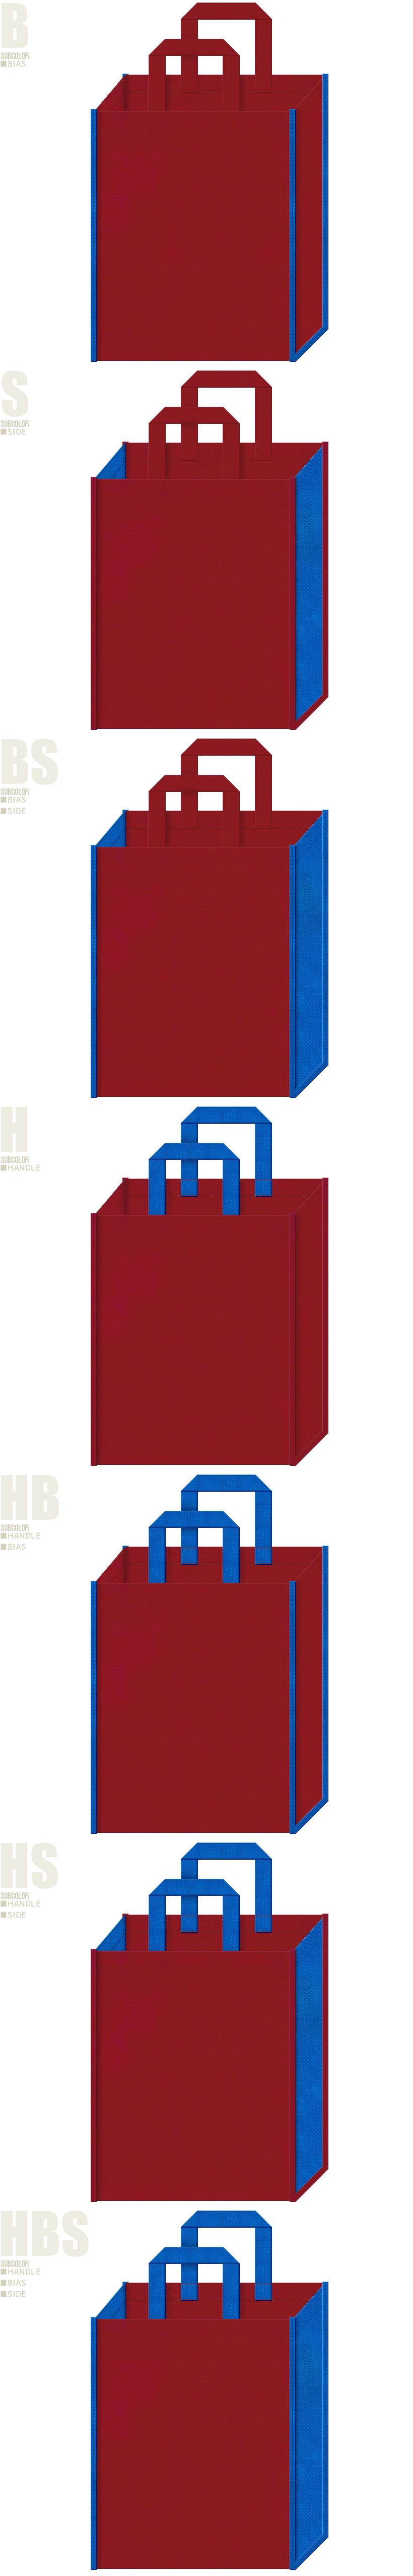 不織布バッグのデザイン:不織布カラーNo.25ローズレッドとNo.22スカイブルーの組み合わせ